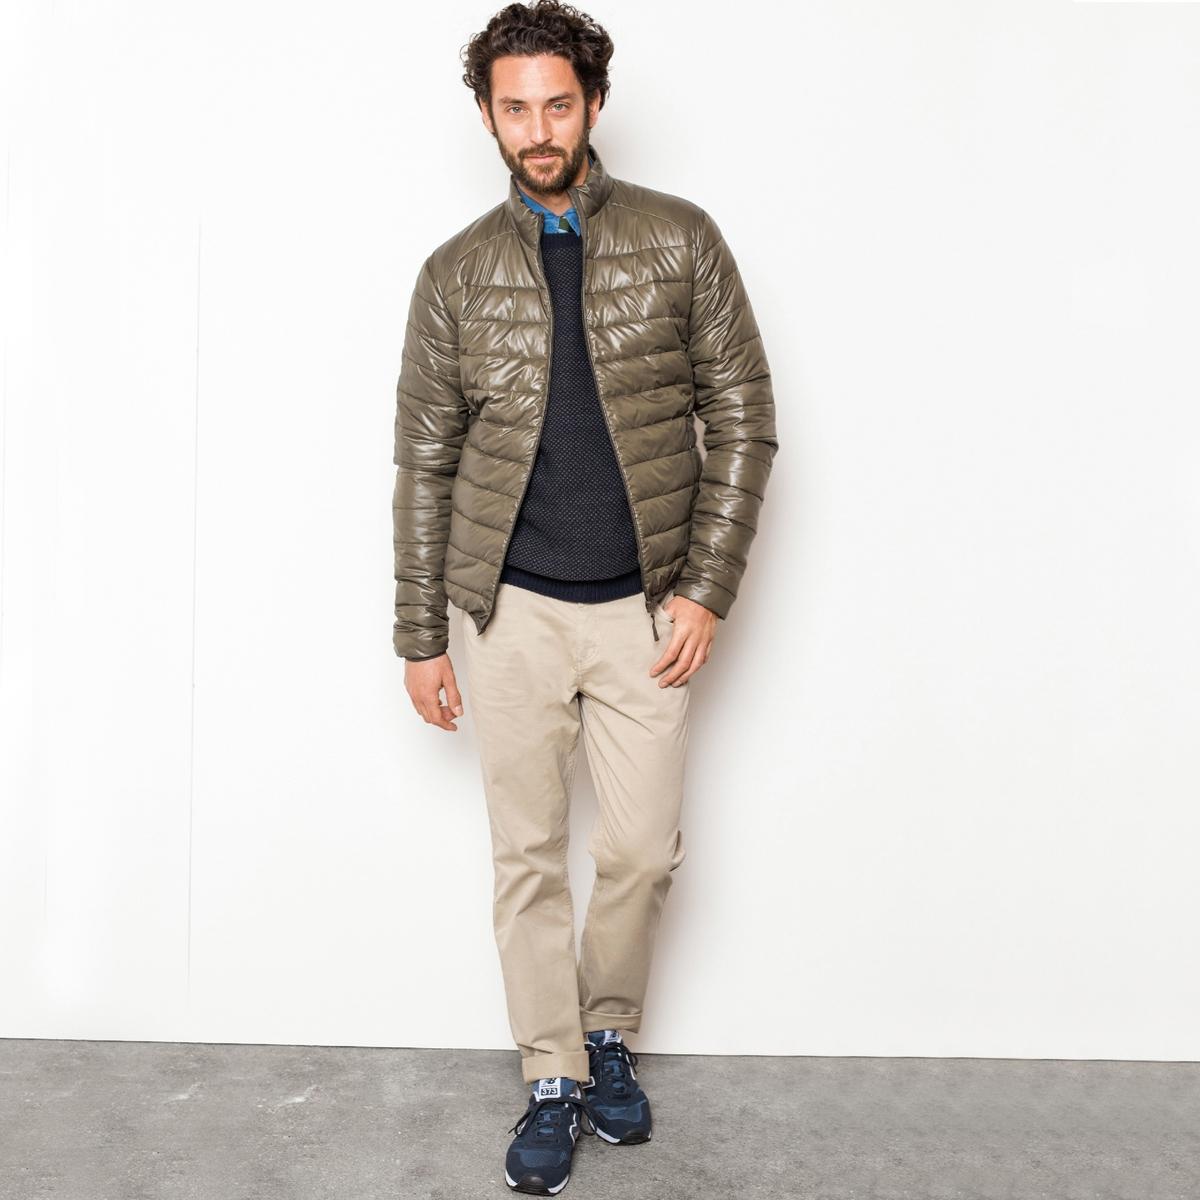 Куртка легкаяУход : Машинная стирка при 30°C исключительно на деликатном режиме<br><br>Цвет: темно-синий,черный<br>Размер: XS.S.3XL.S.L.M.XS.XXL